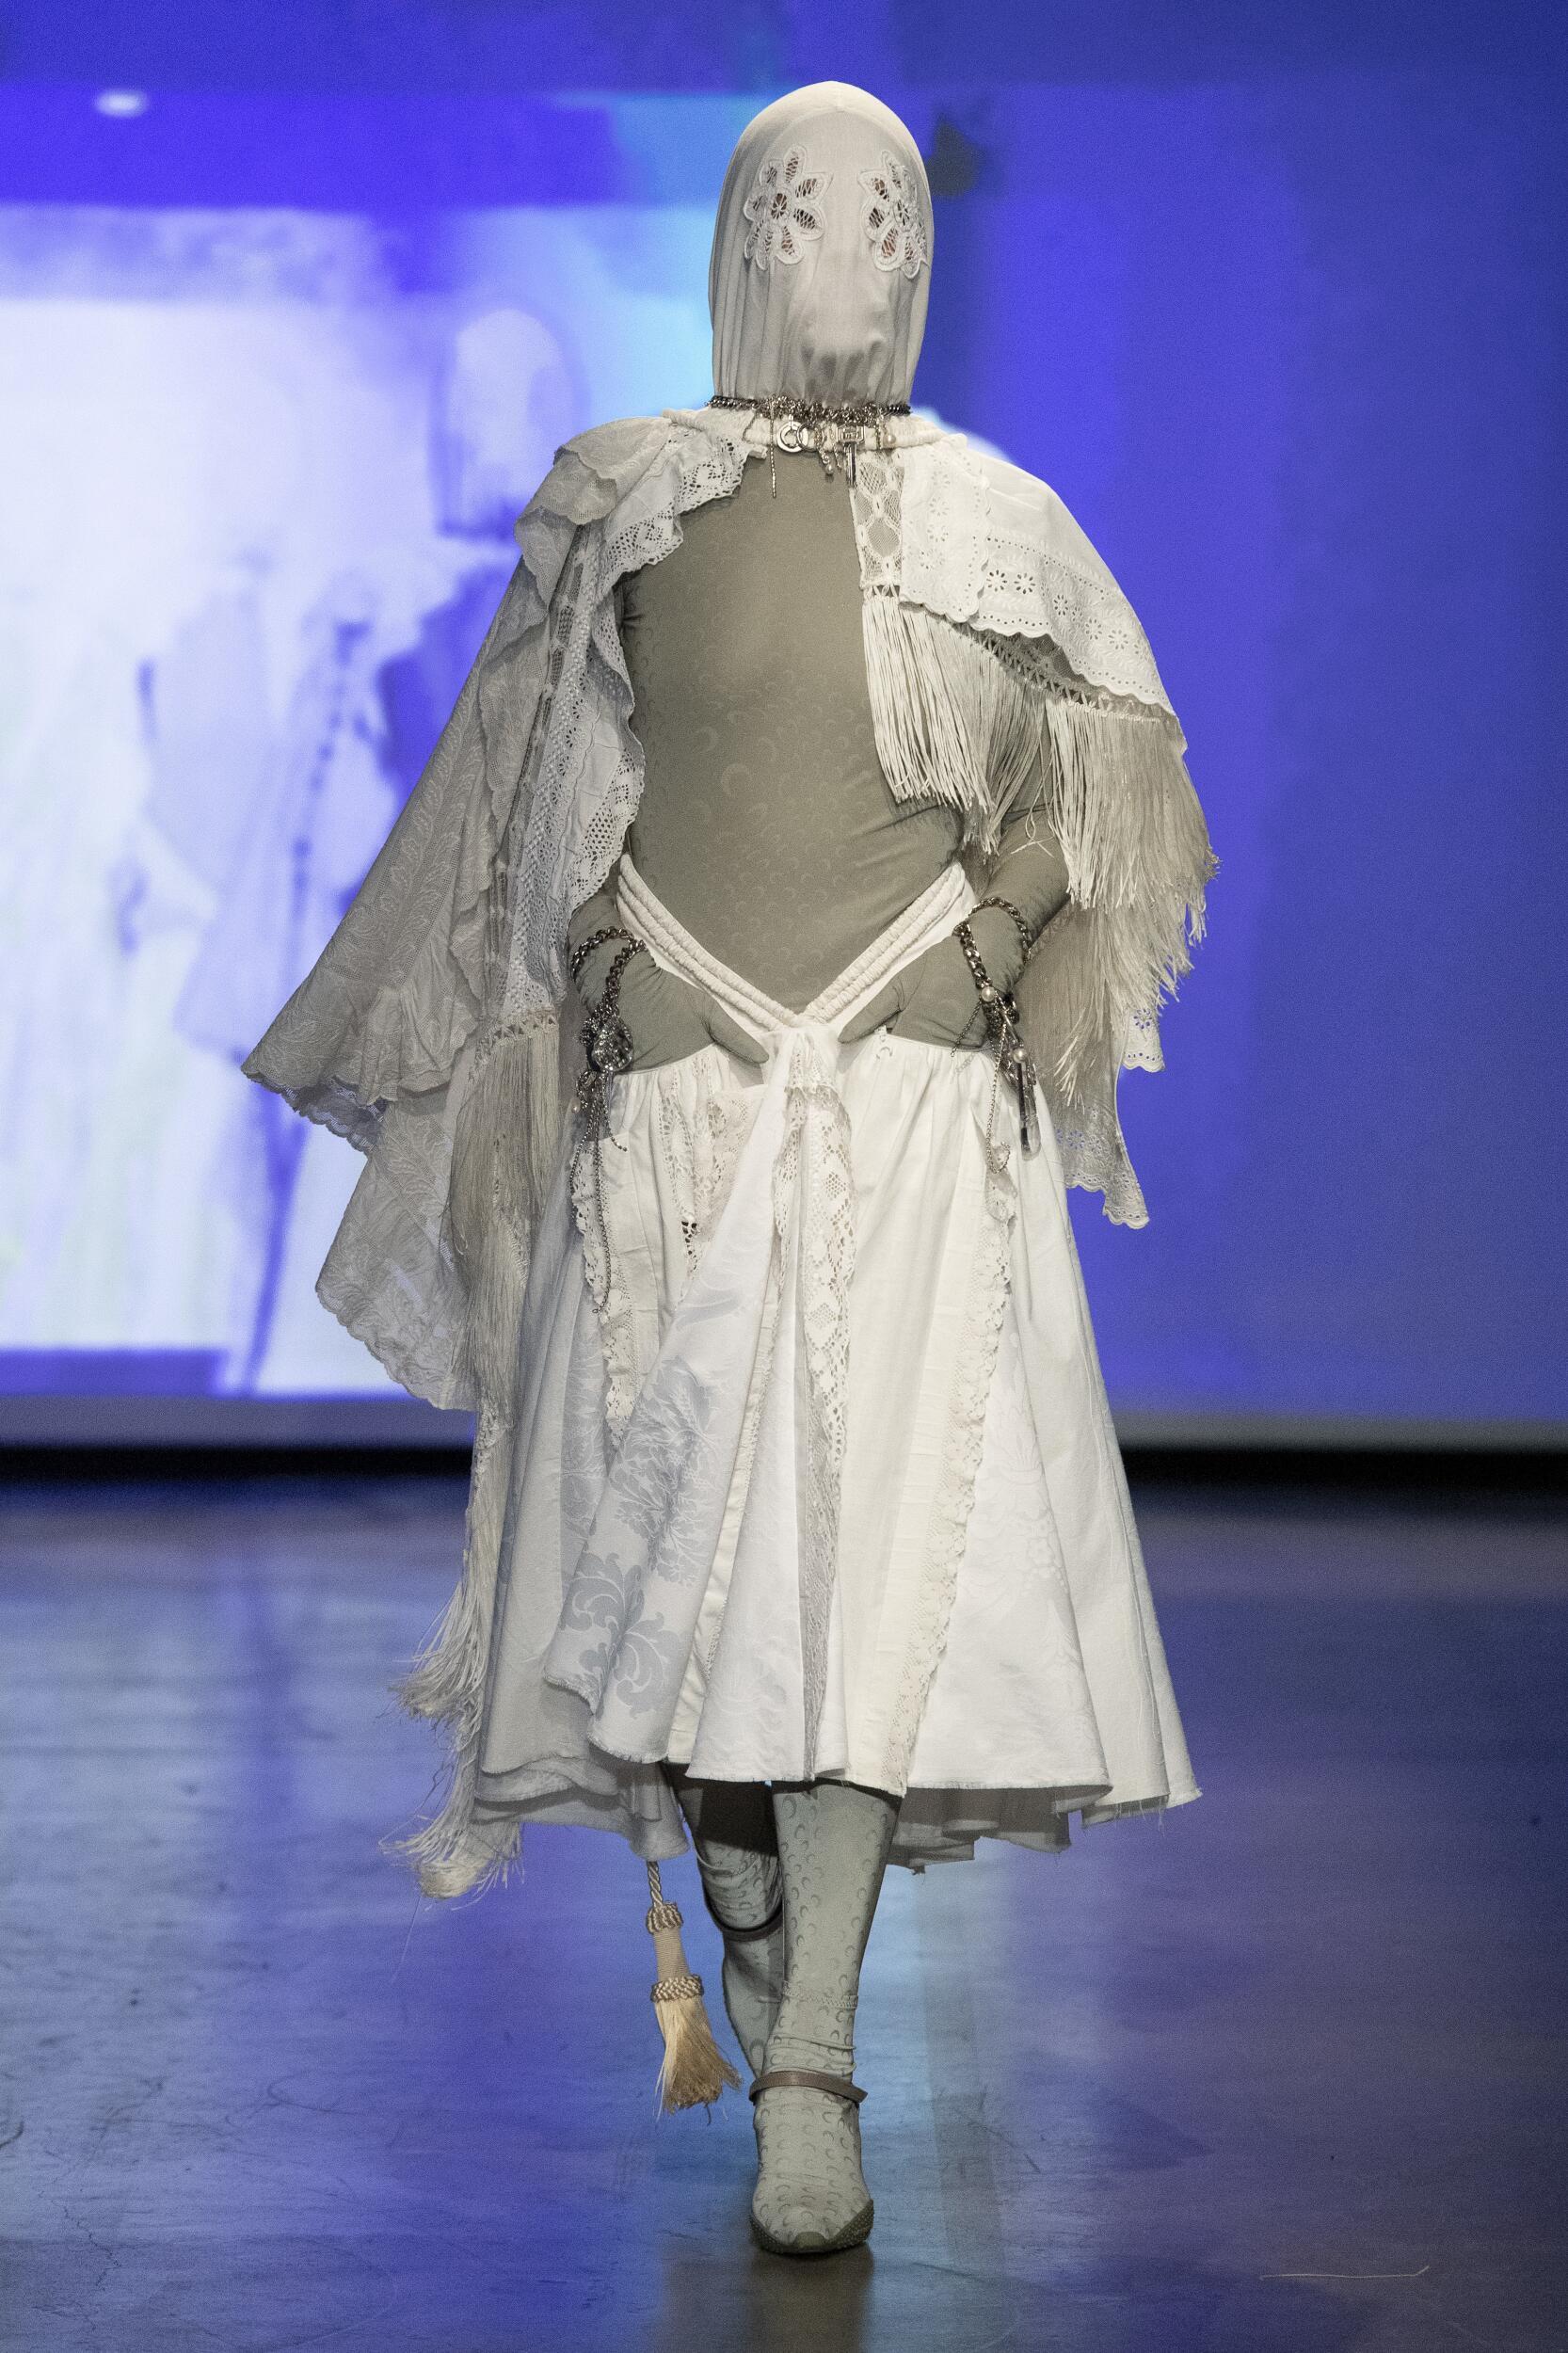 FW 2020-21 Marine Serre Fashion Show